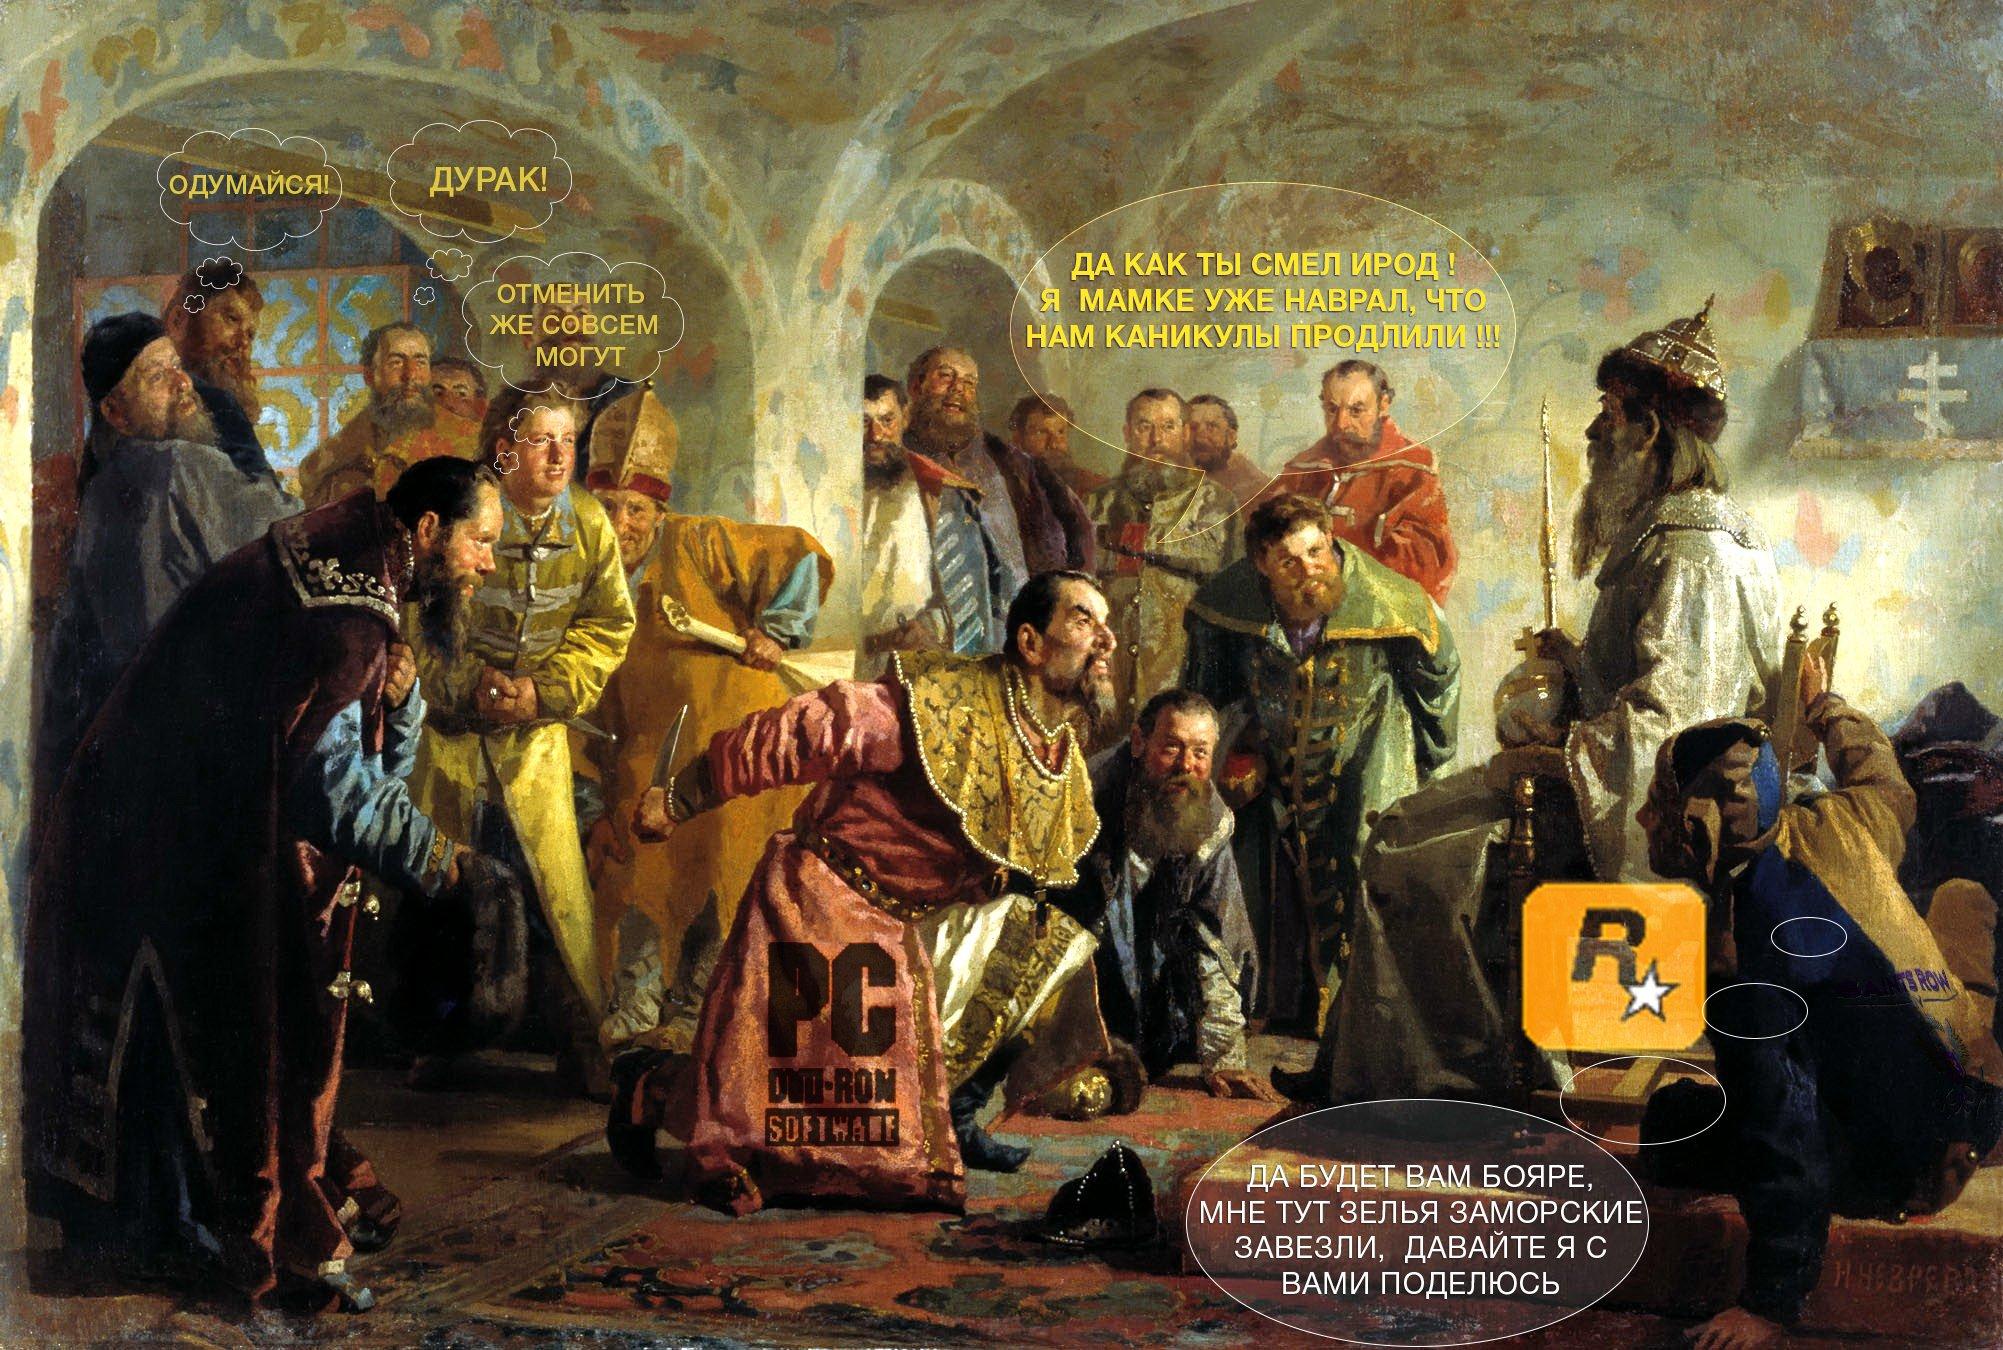 Убийство Рокстаром Грозным ПК-боярина ФЕДЯНА(NAGIBATORA666) - Изображение 1